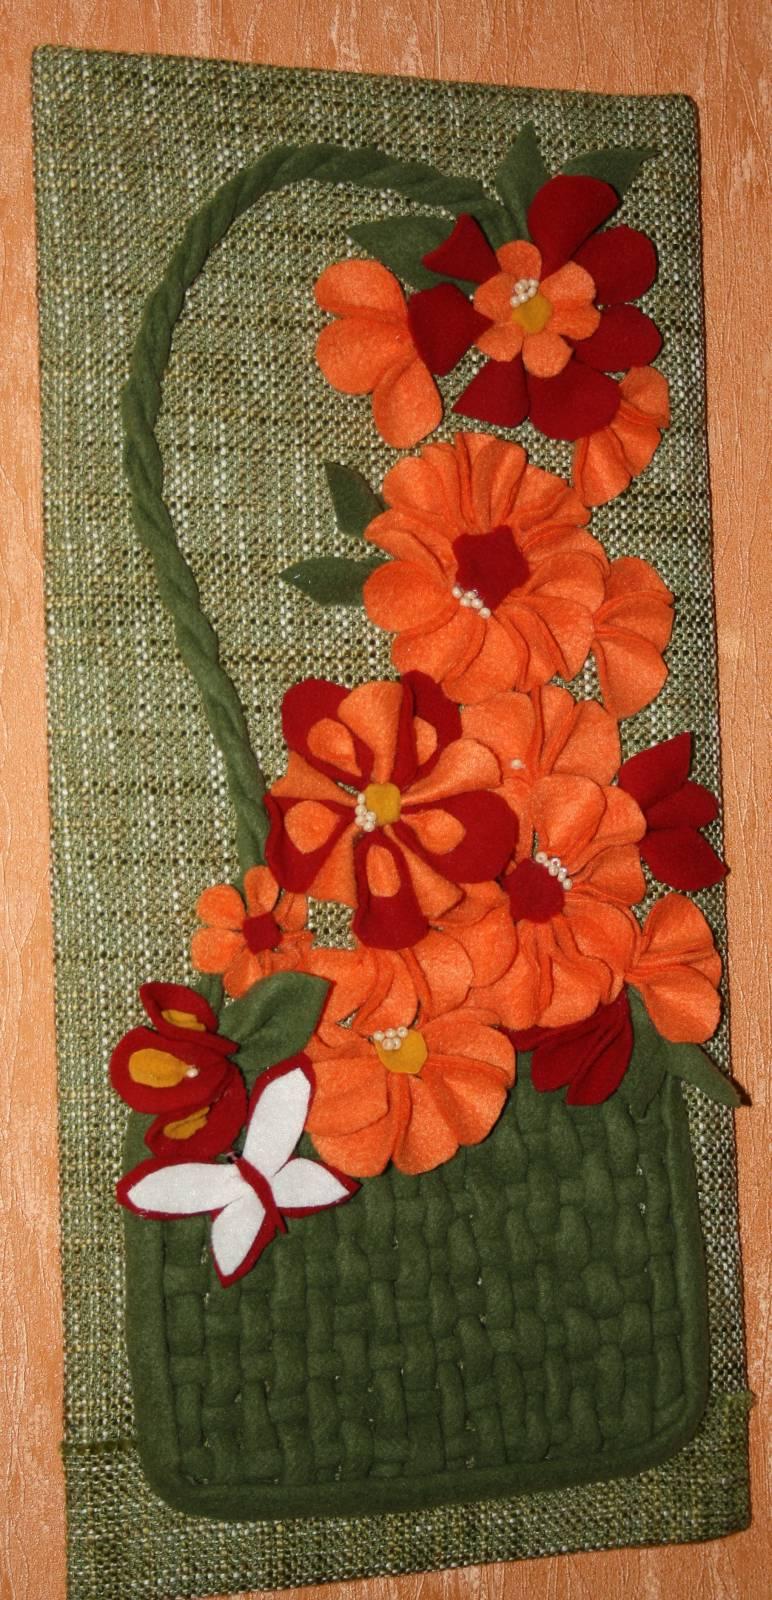 Картины из ткани - пошаговая инструкция для начинающих (80 фото) 62